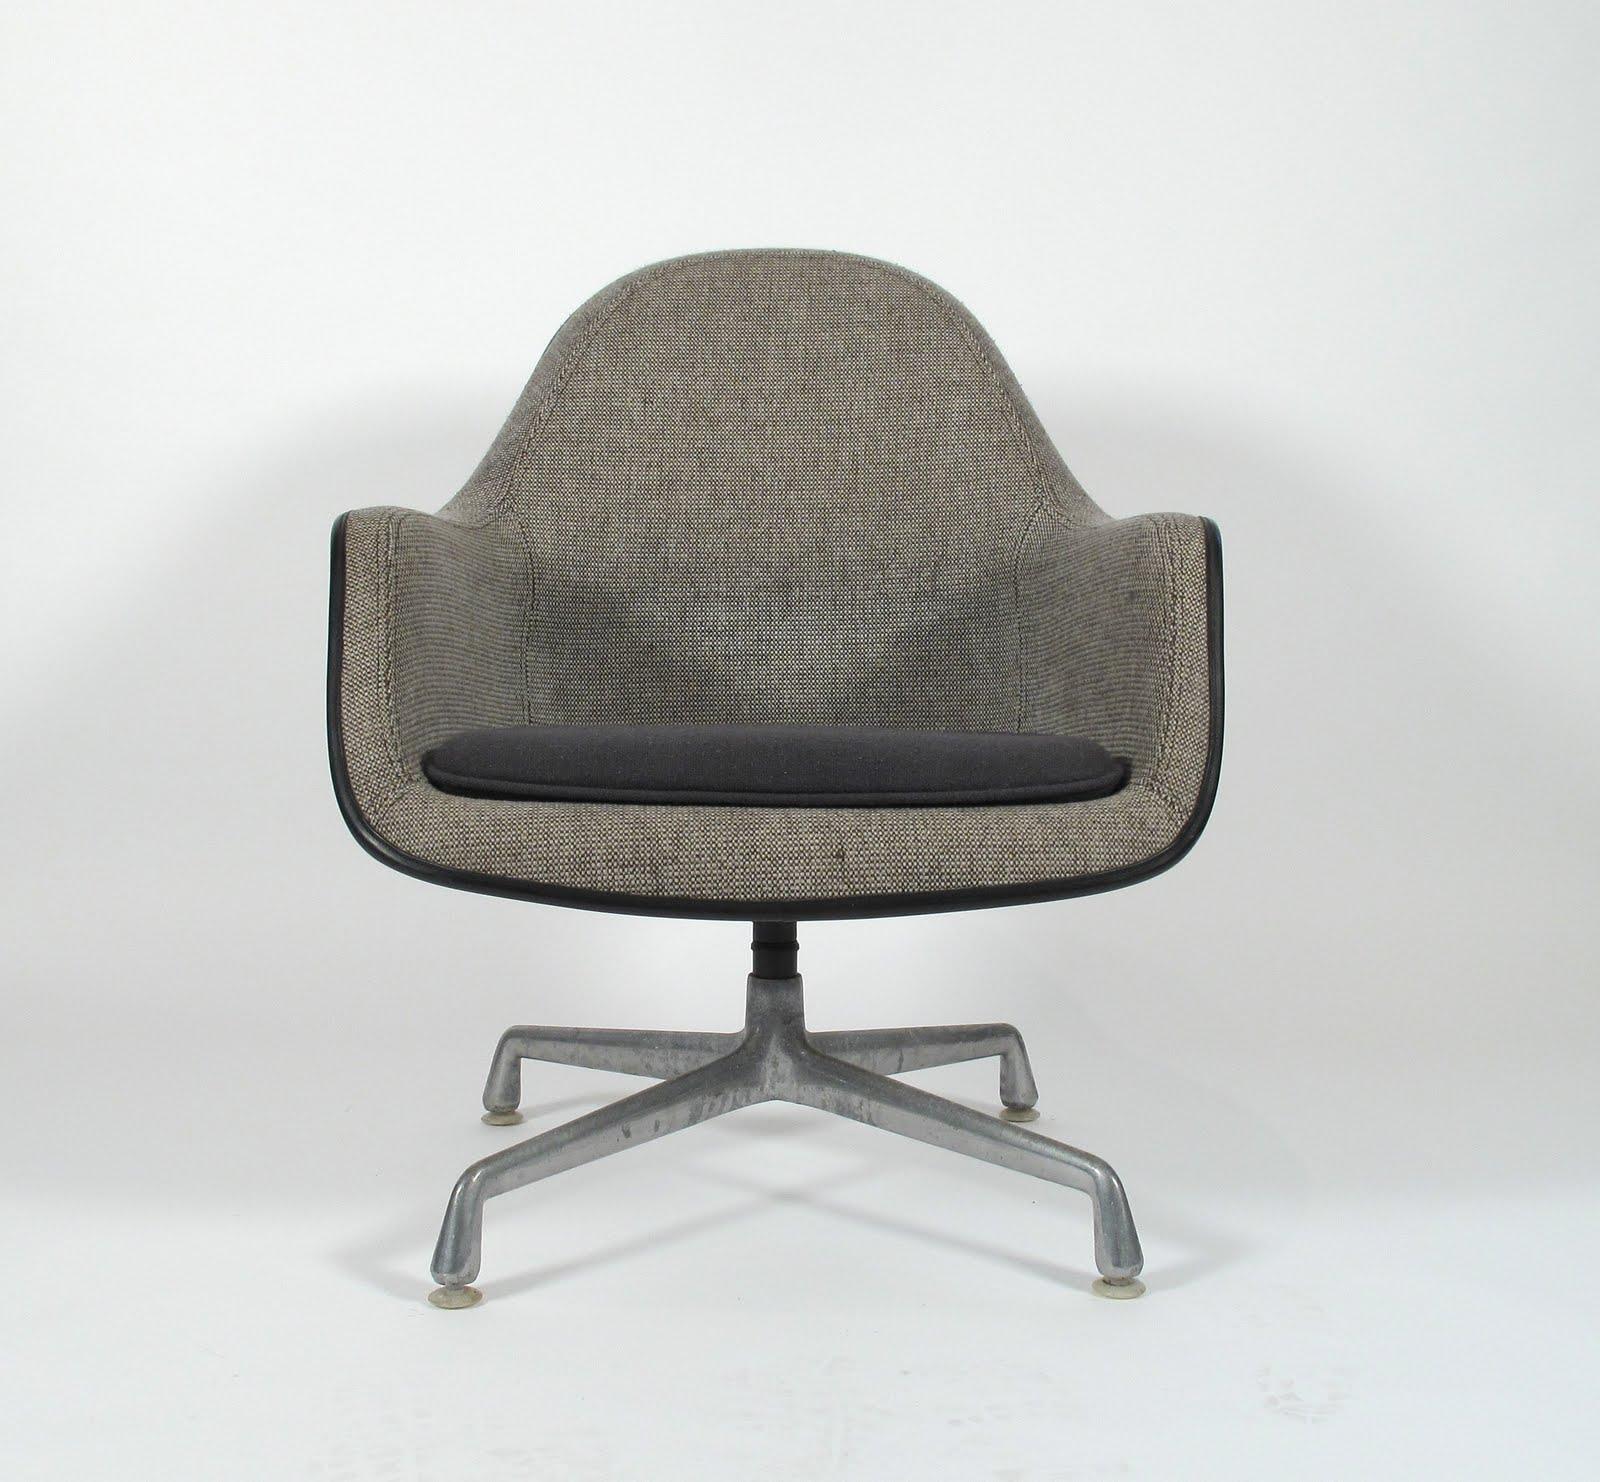 Eames Fiberglass Chair Cushion Cushion for Eames Molded Plastic